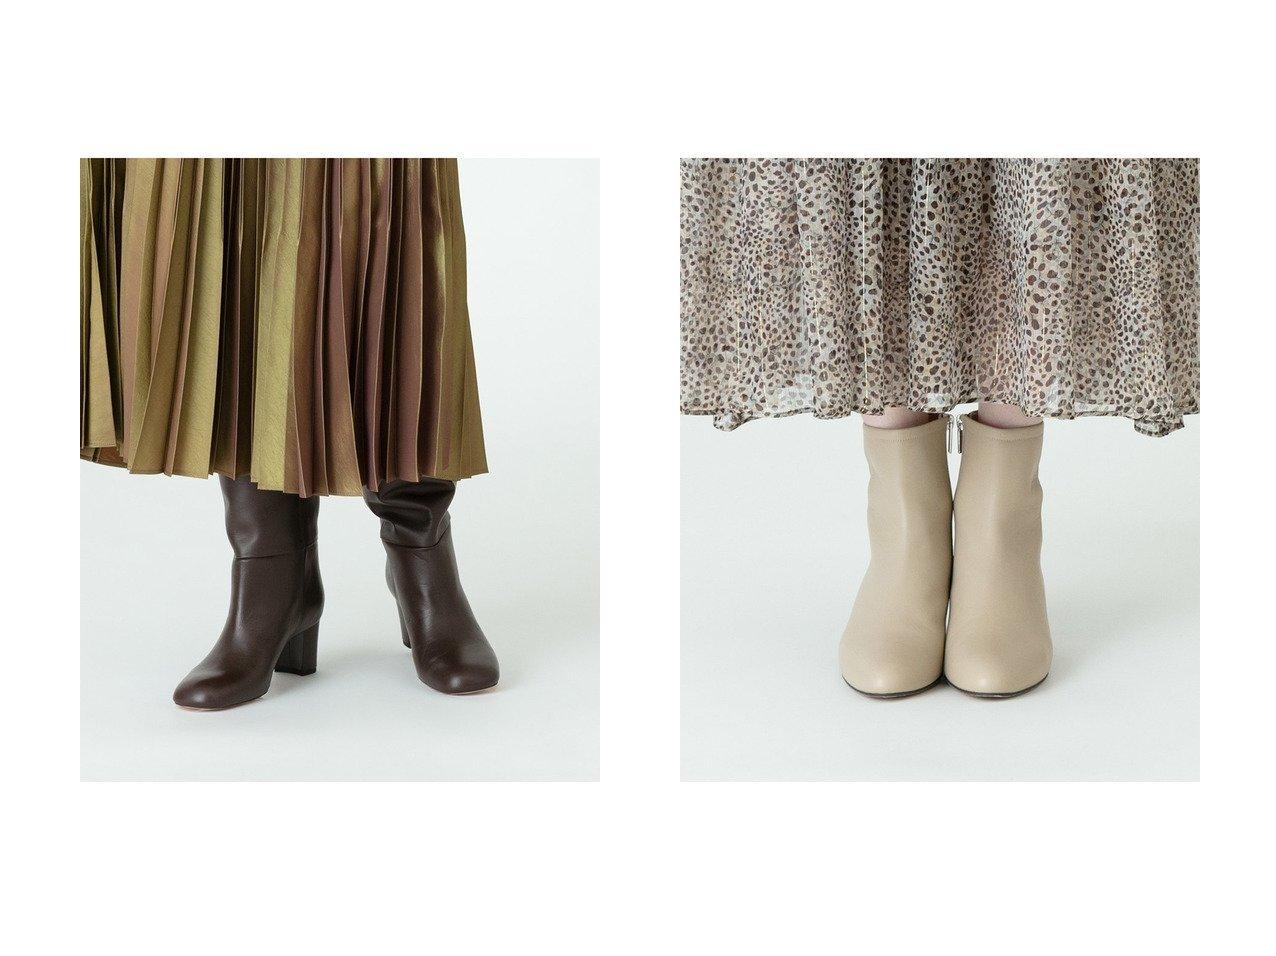 【allureville/アルアバイル】のスクエアロングブーツ&ヒールメタルショートブーツ 【シューズ・靴】おすすめ!人気、トレンド・レディースファッションの通販 おすすめで人気の流行・トレンド、ファッションの通販商品 インテリア・家具・メンズファッション・キッズファッション・レディースファッション・服の通販 founy(ファニー) https://founy.com/ ファッション Fashion レディースファッション WOMEN 2021年 2021 2021-2022秋冬・A/W AW・Autumn/Winter・FW・Fall-Winter・2021-2022 A/W・秋冬 AW・Autumn/Winter・FW・Fall-Winter ショート シンプル トレンド メタル ストレート ロング |ID:crp329100000053499